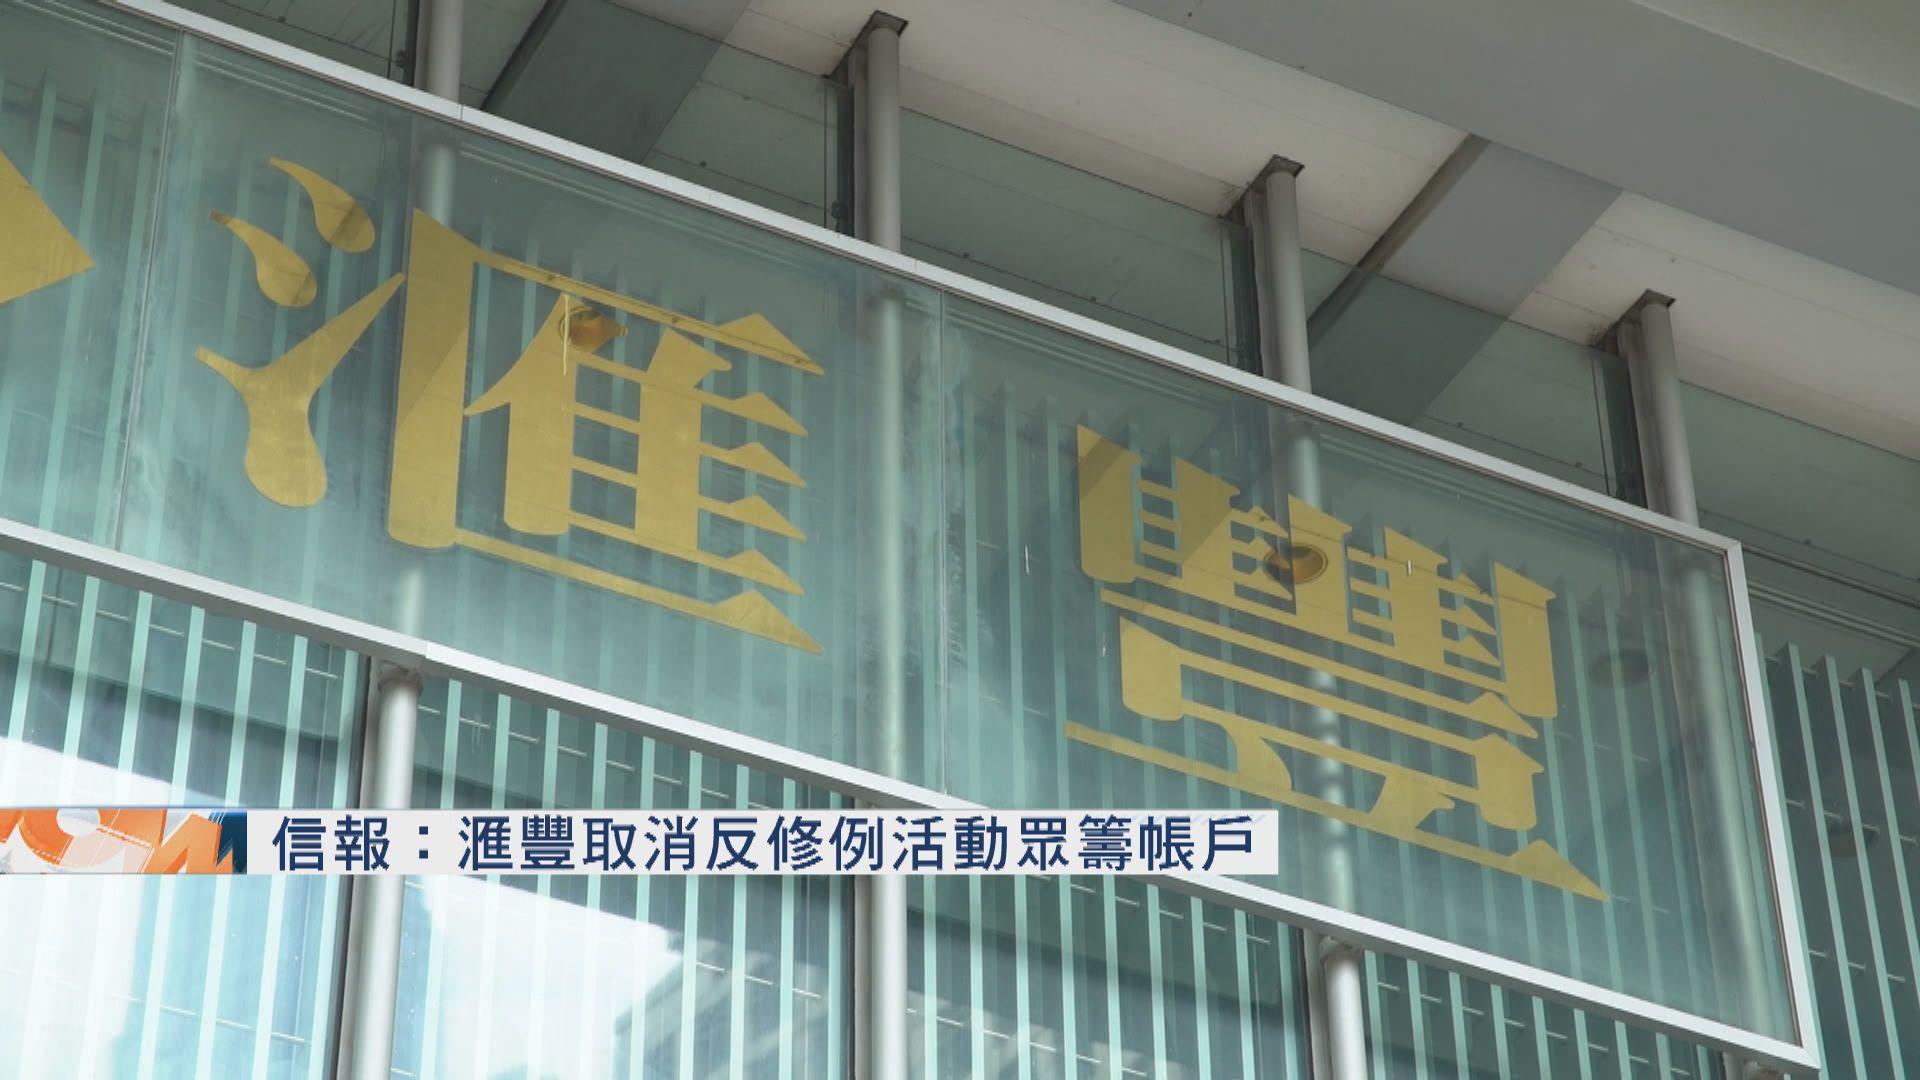 信報:滙豐取消反修例活動眾籌帳戶